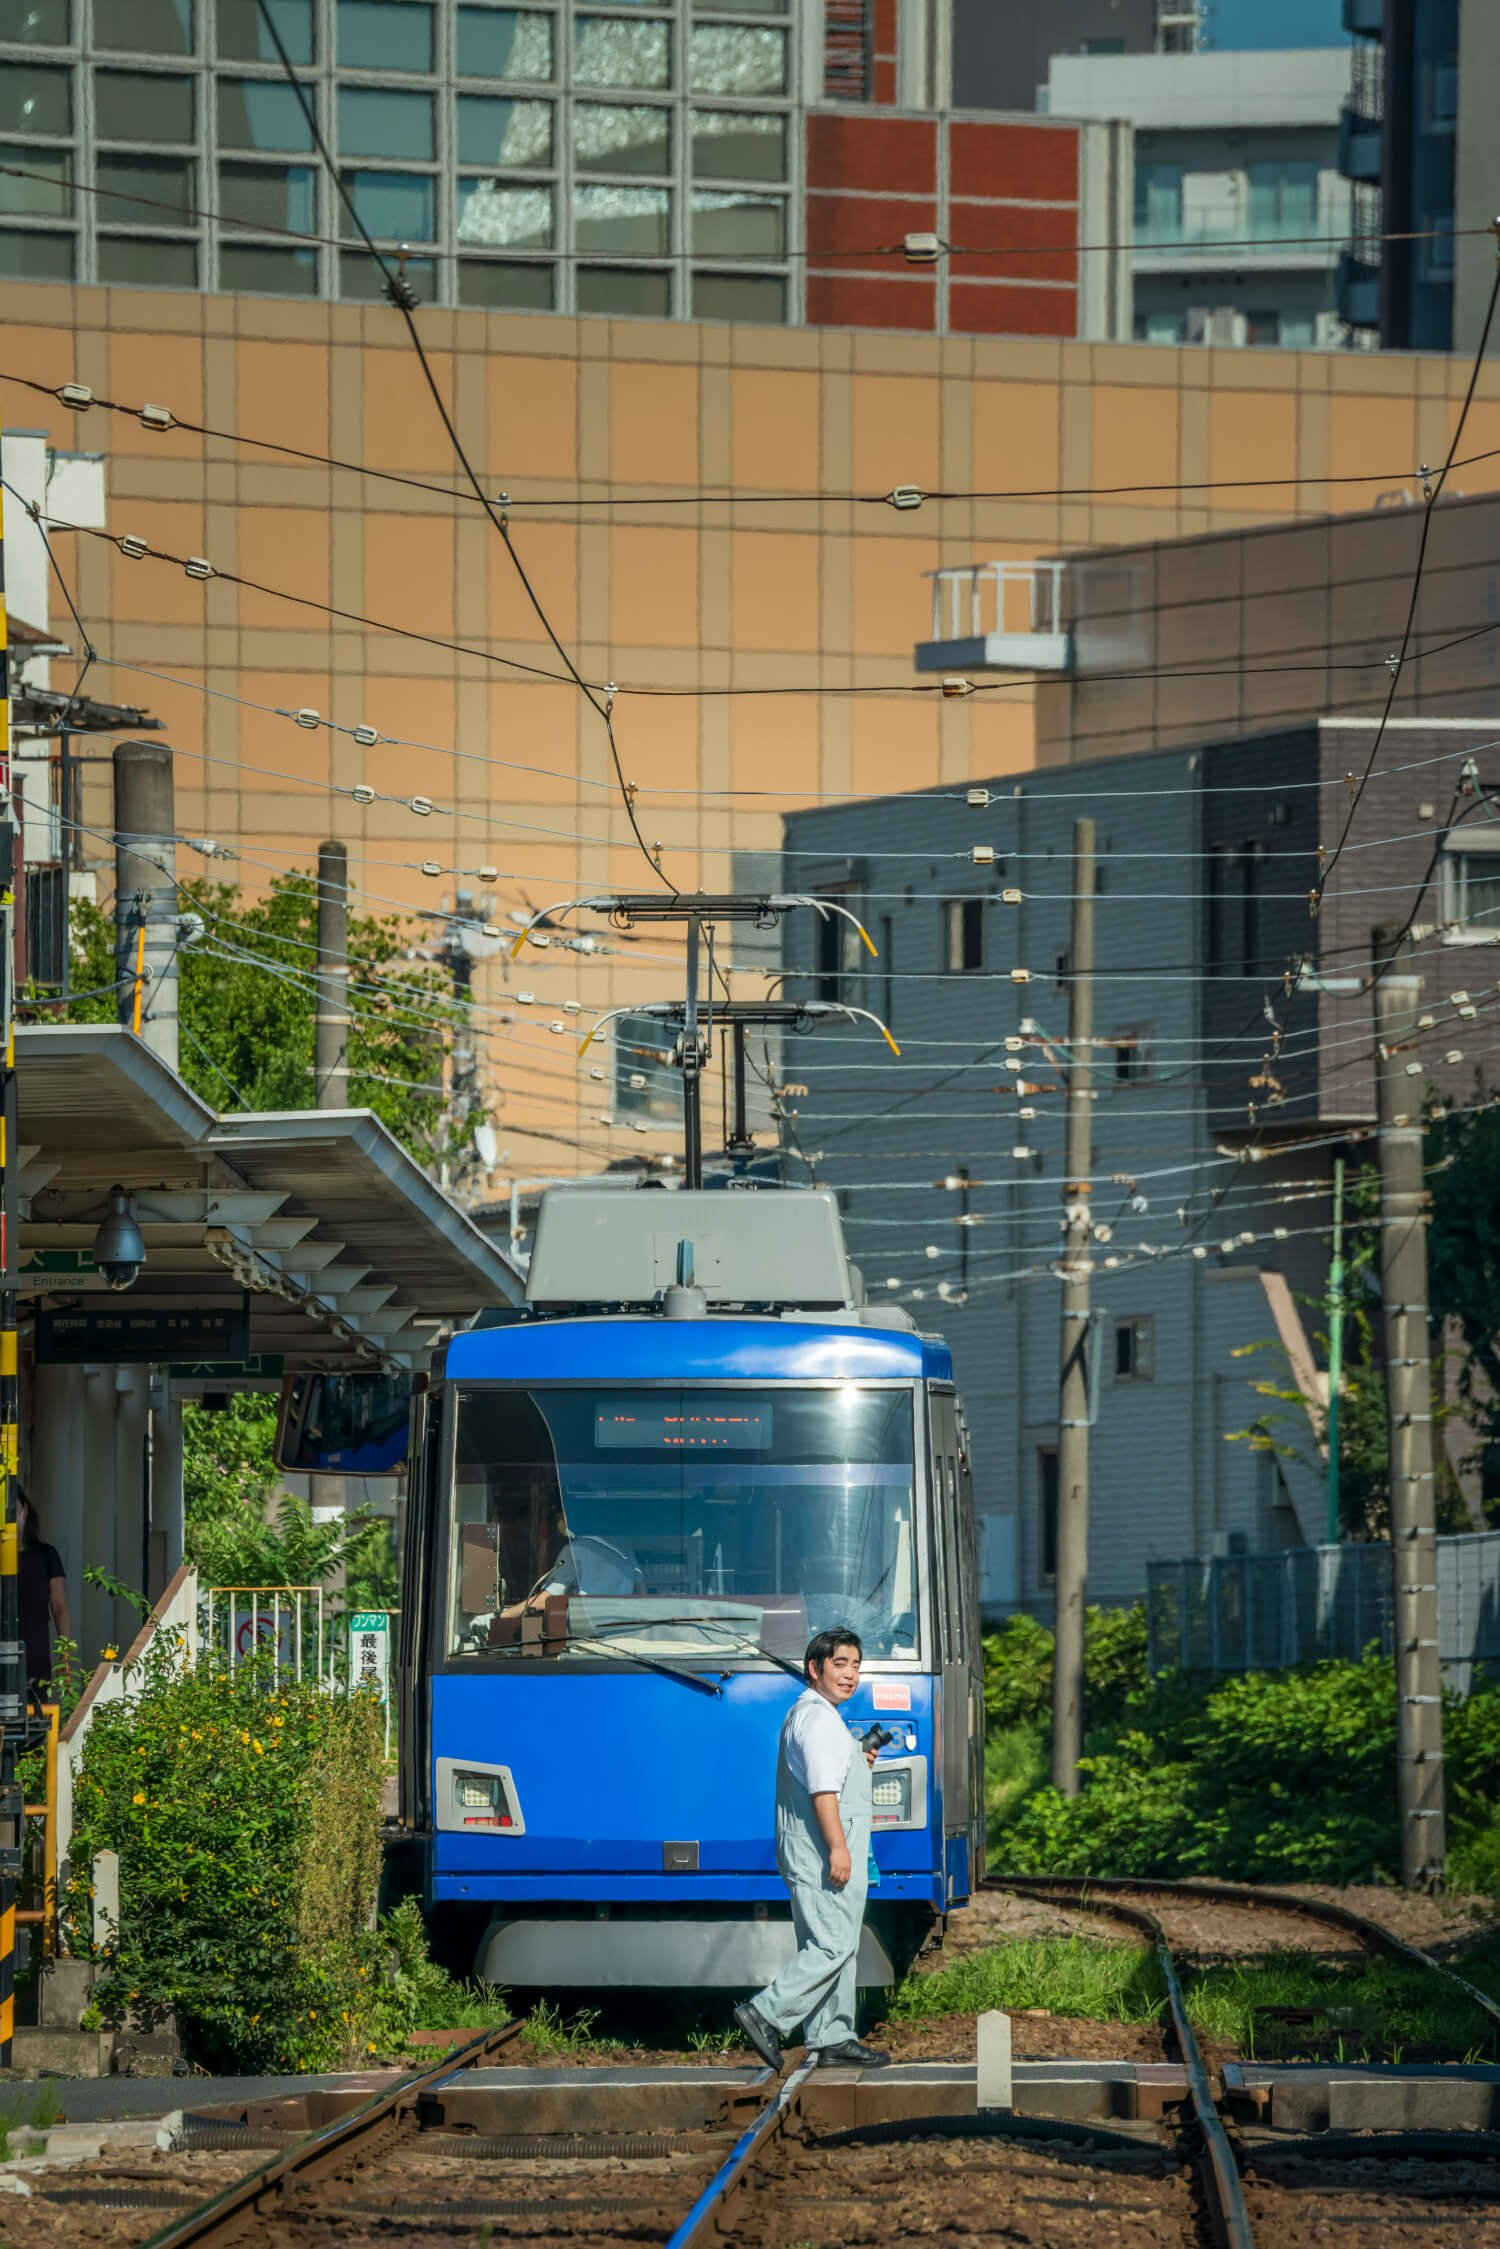 三軒茶屋駅の踏切を渡る徳ちゃん。一番好きな青の車両と。「日本の孫」の夏休み風ショット。